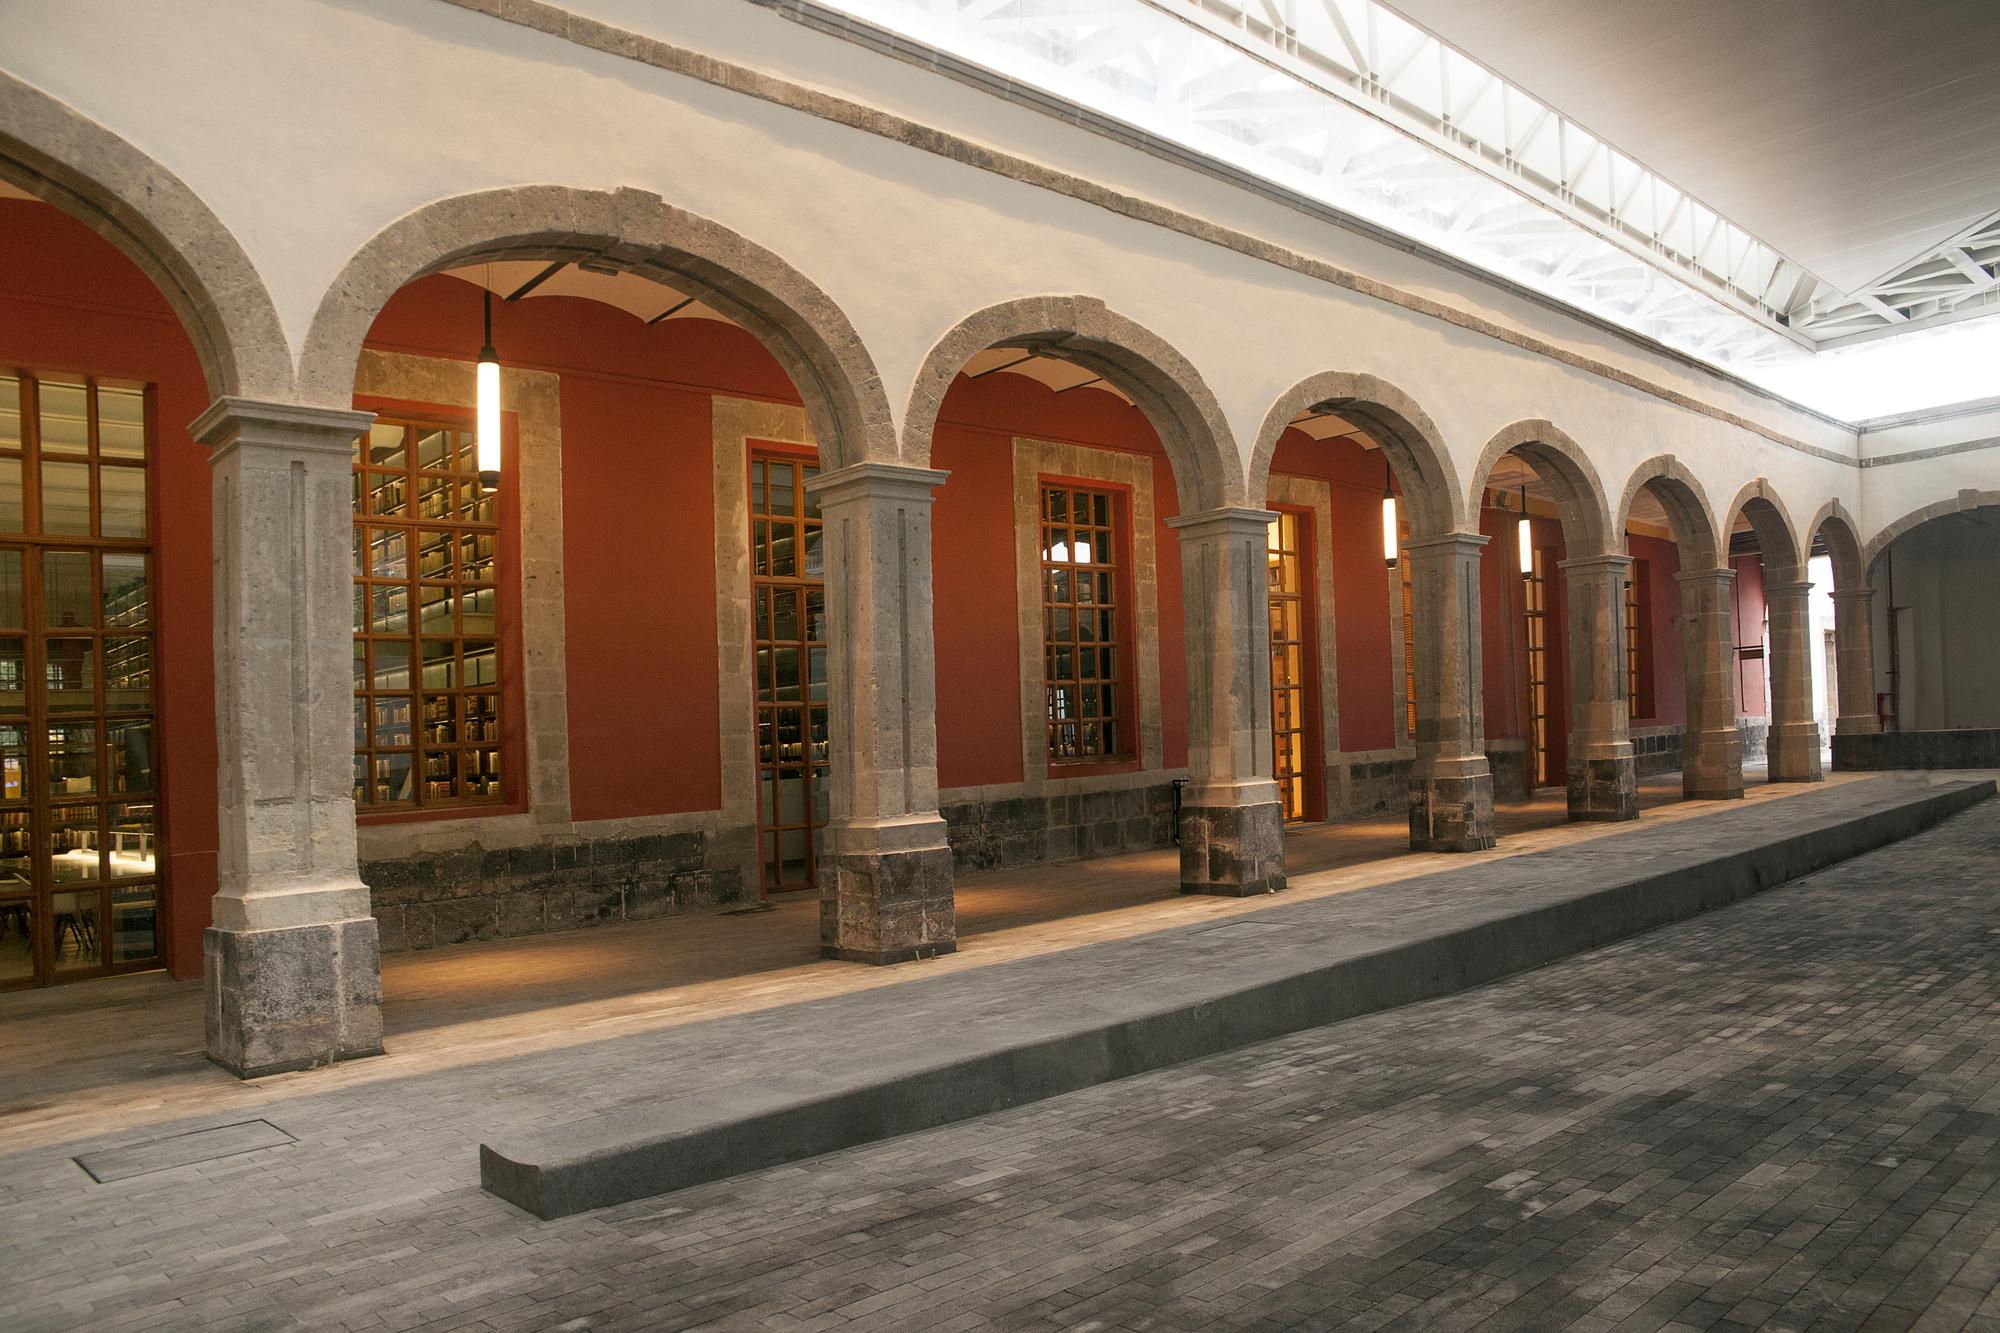 52e83c7fe8e44e3e3800002c_-the-city-of-the-books-and-the-images-taller-6a_dsc_5157